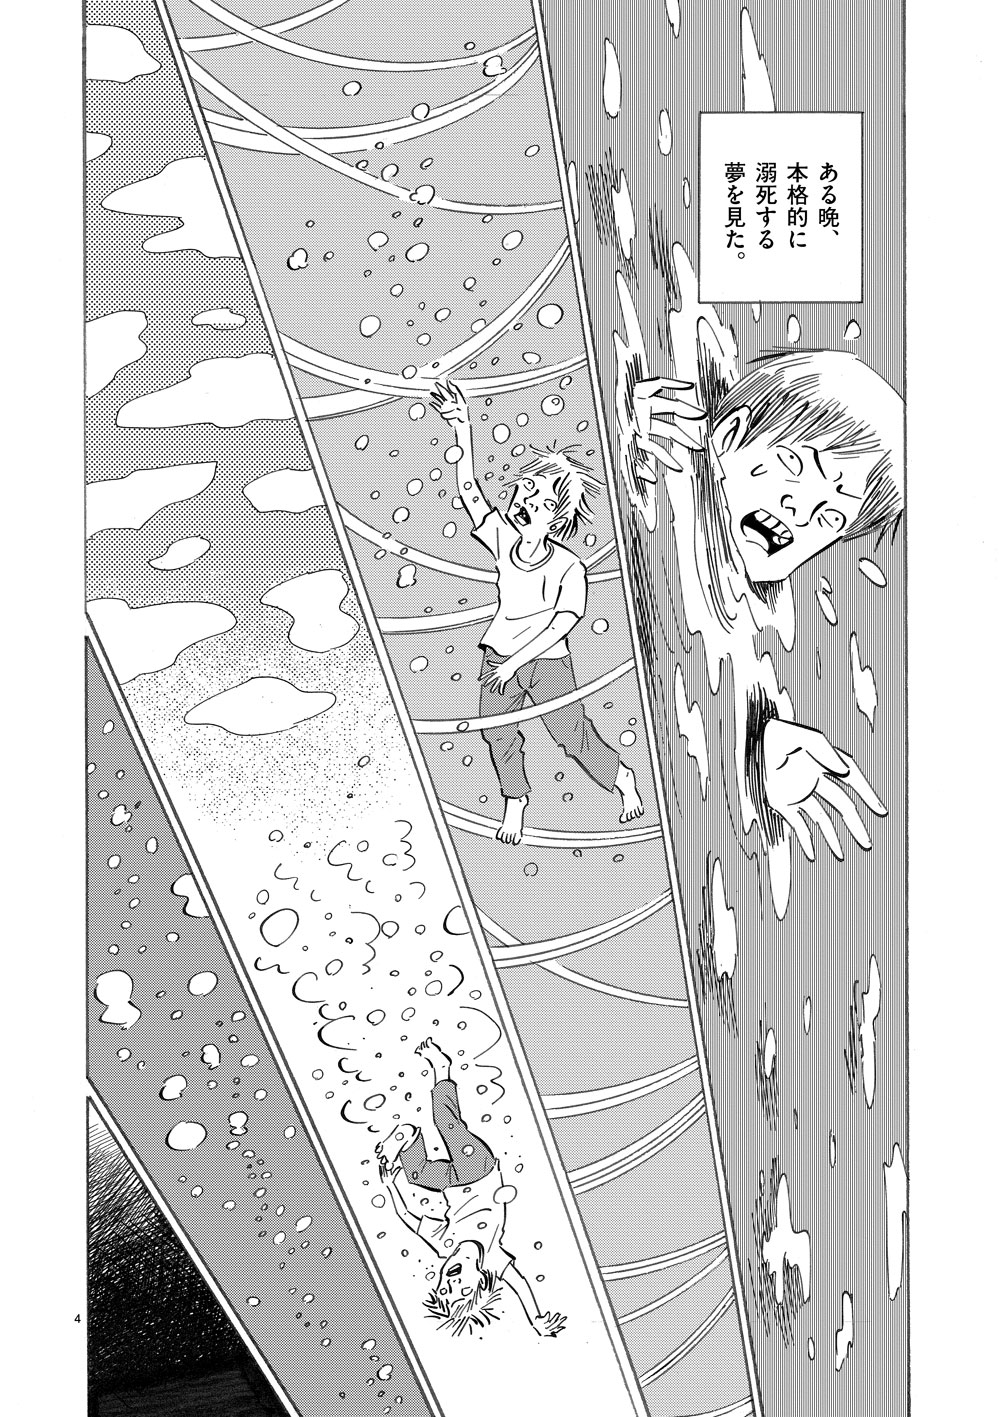 琉球怪談 【第10話】WEB掲載4ページ目画像